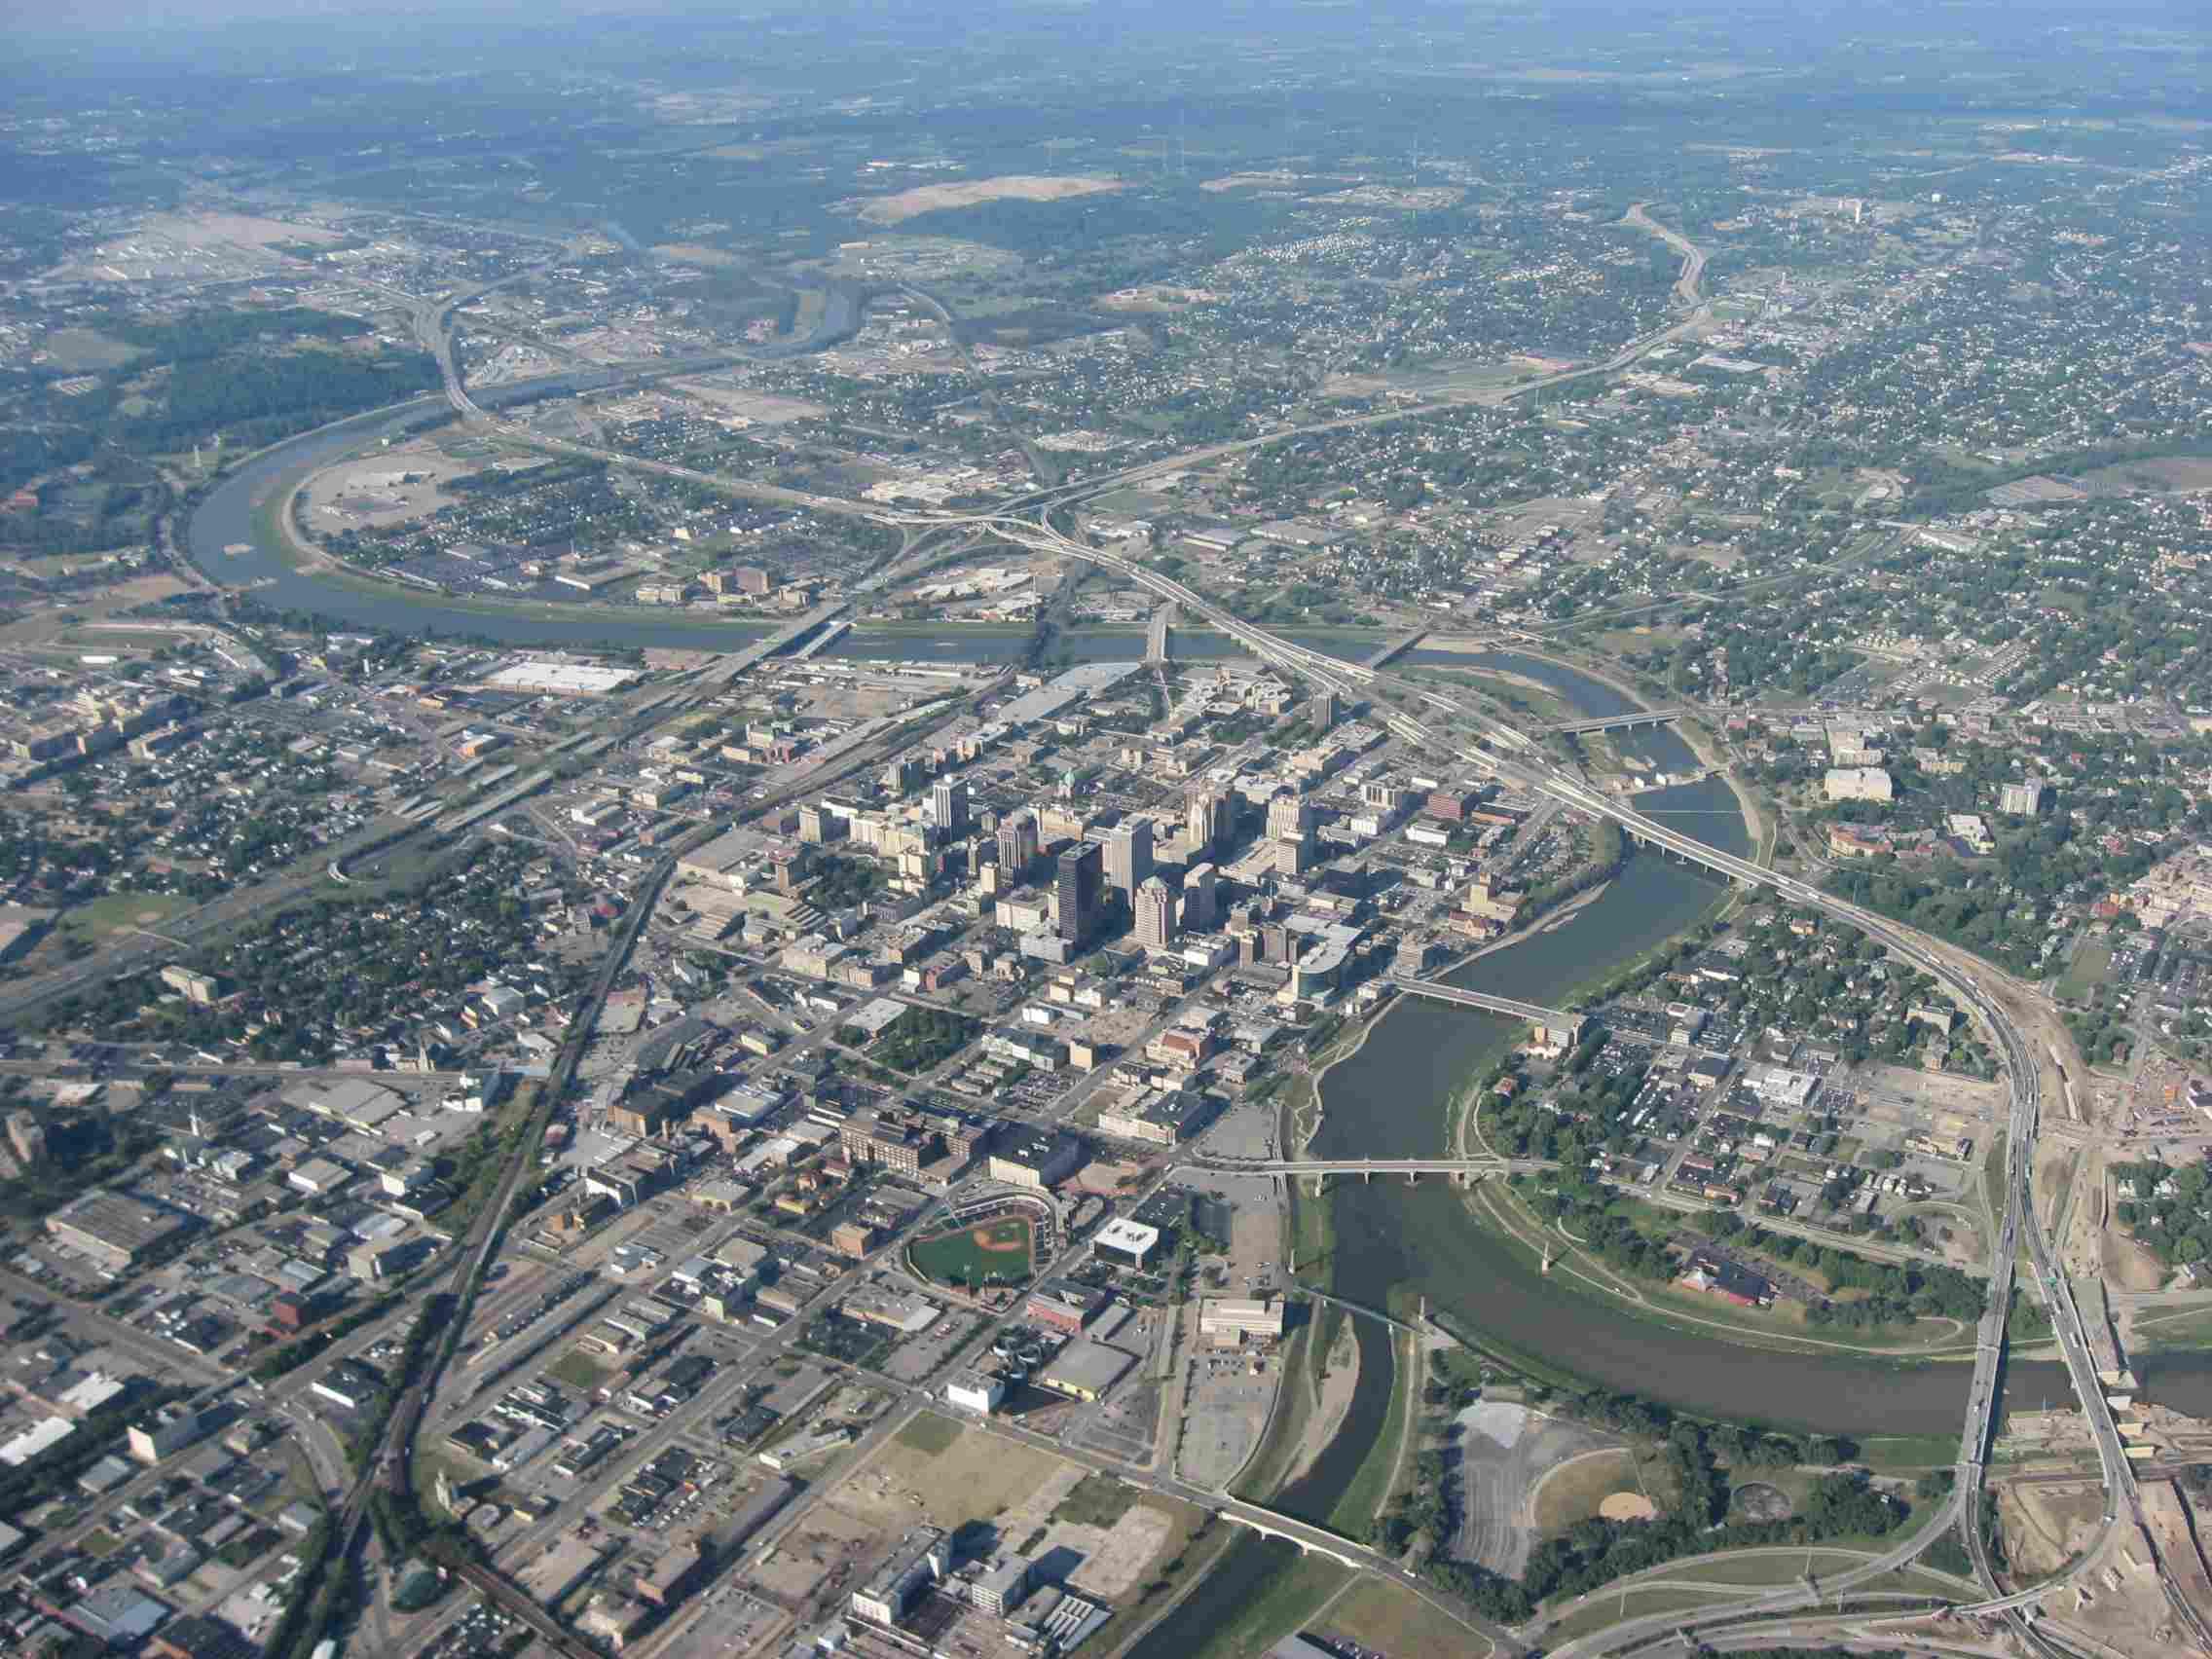 Downtown Dayton Ohio Aerial shot